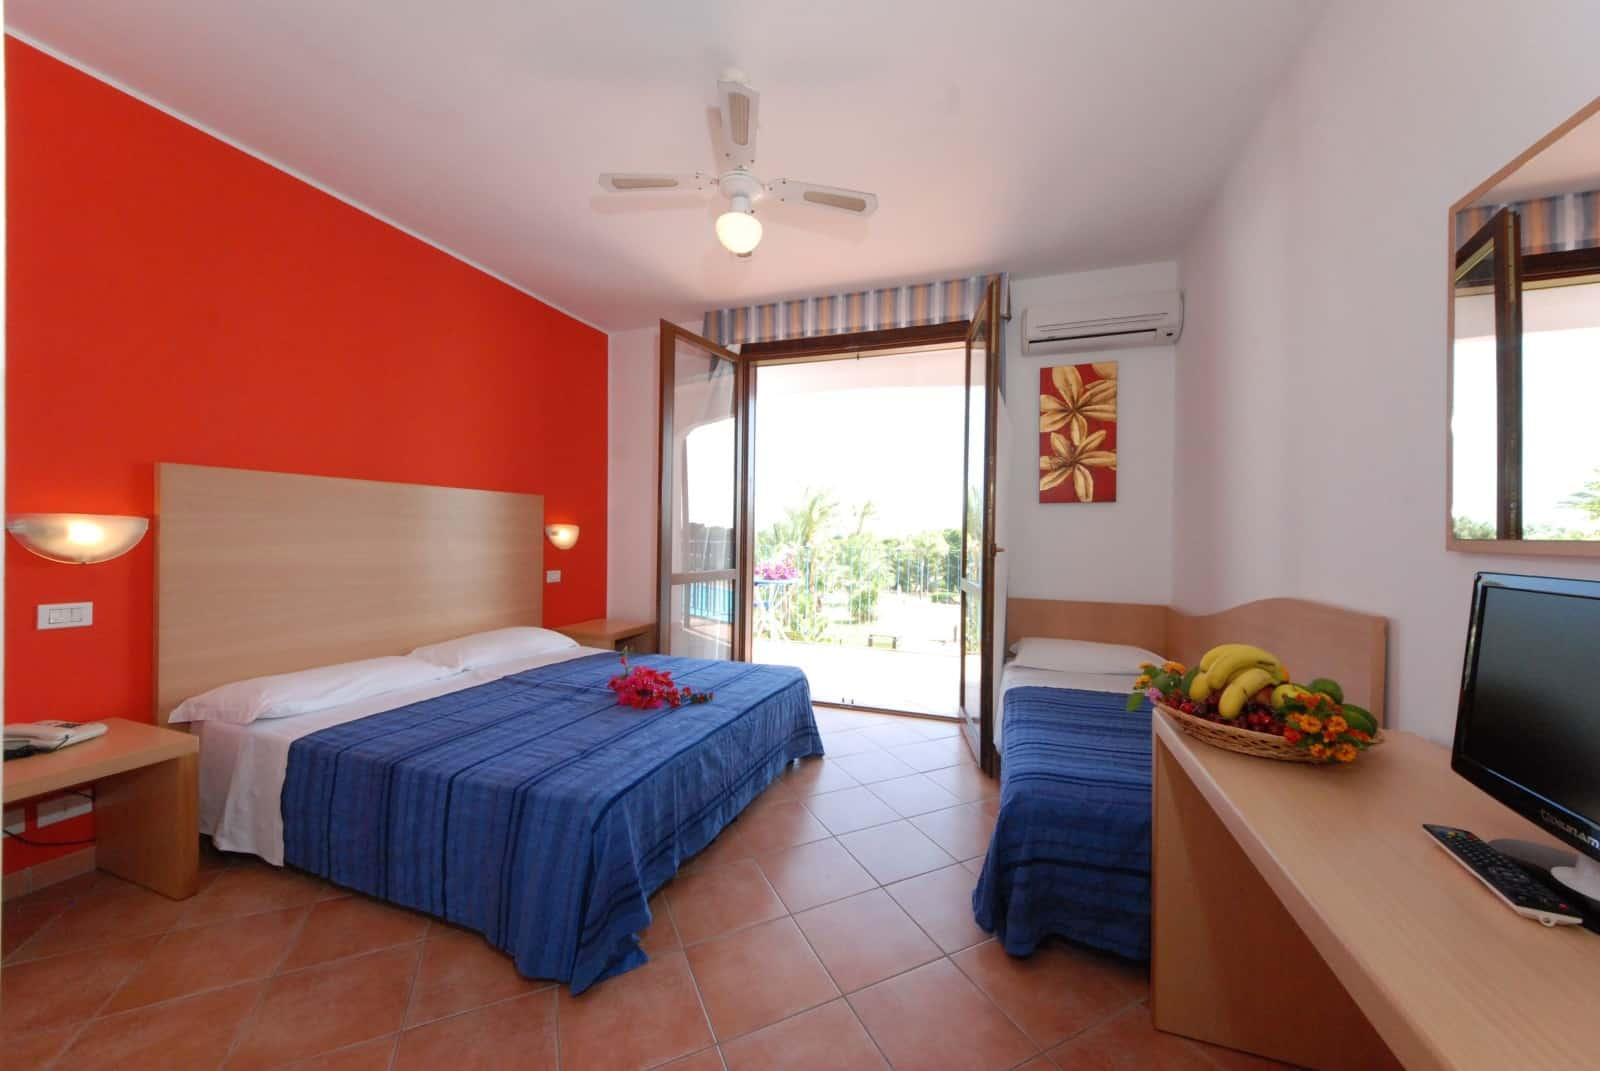 5Santa-Sabina_camere-e1432570639548 OSTUNI PENSIONE COMPLETA ALL INCLUSIVE HOTEL CLUB SANTA SABINA